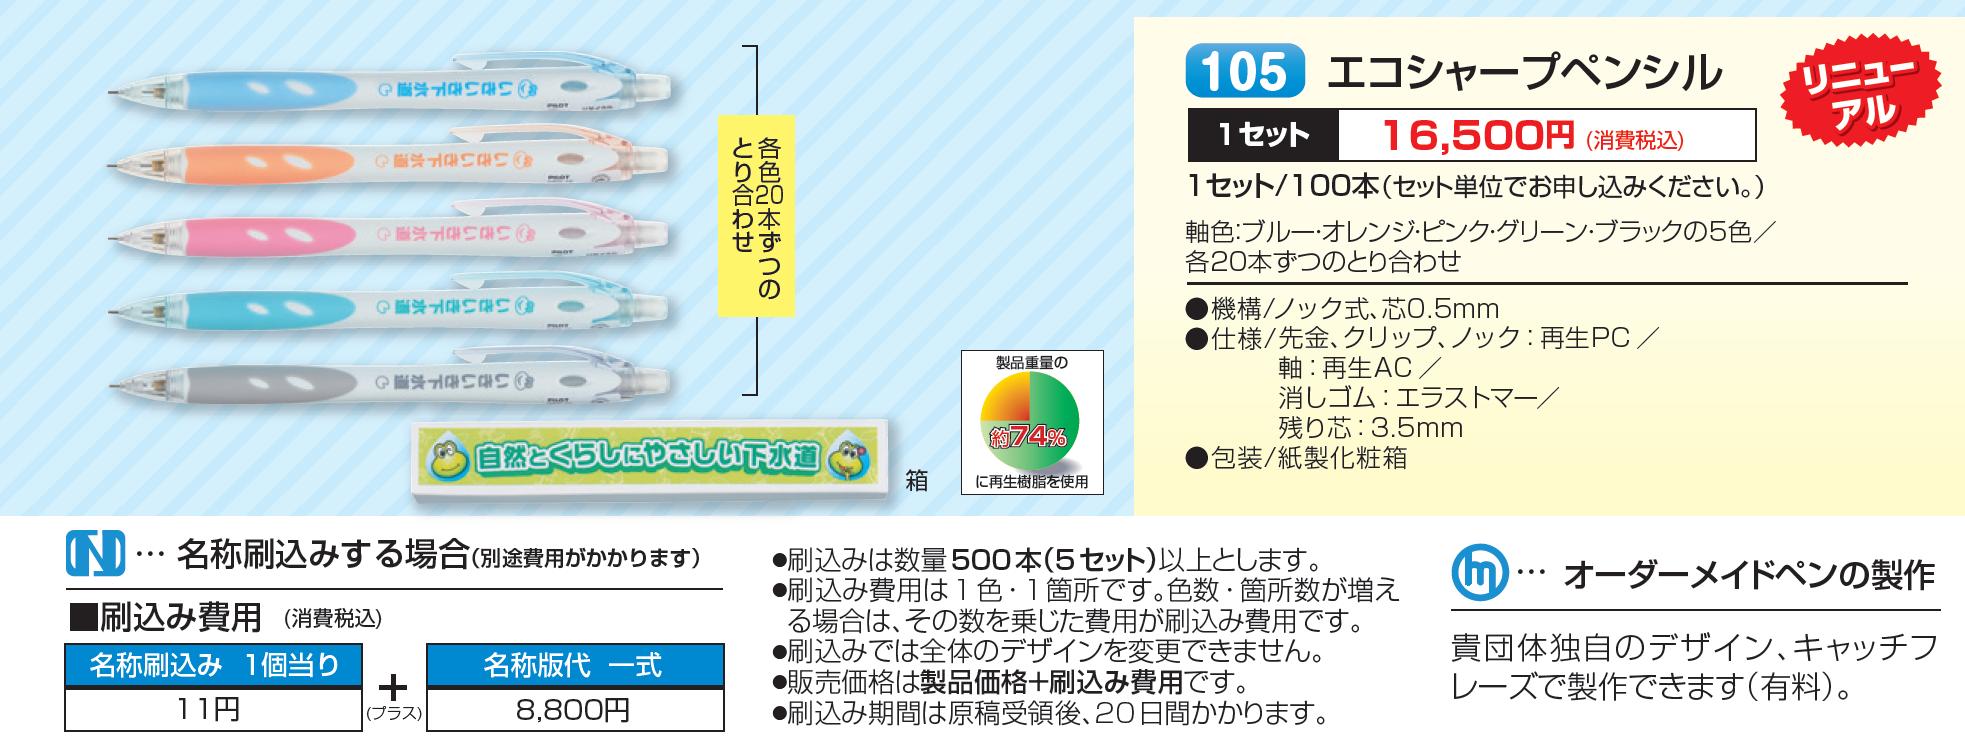 【製品No.105】エコシャープペンシル